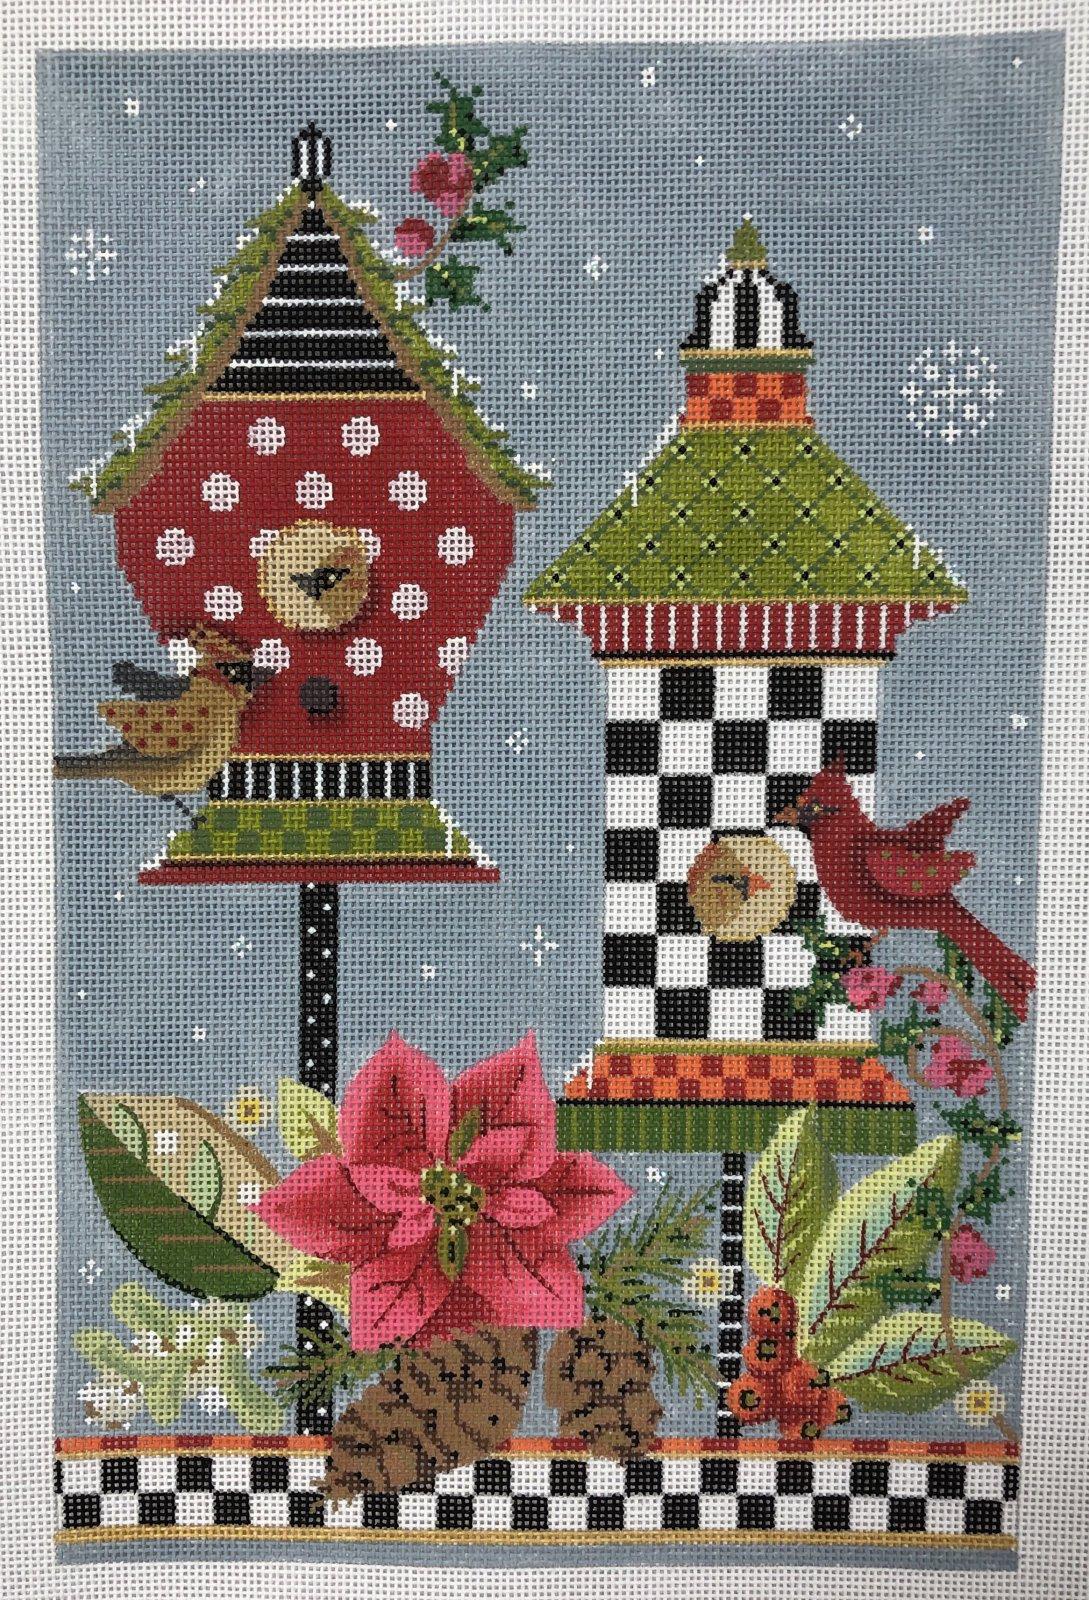 birdhouses, winter 09